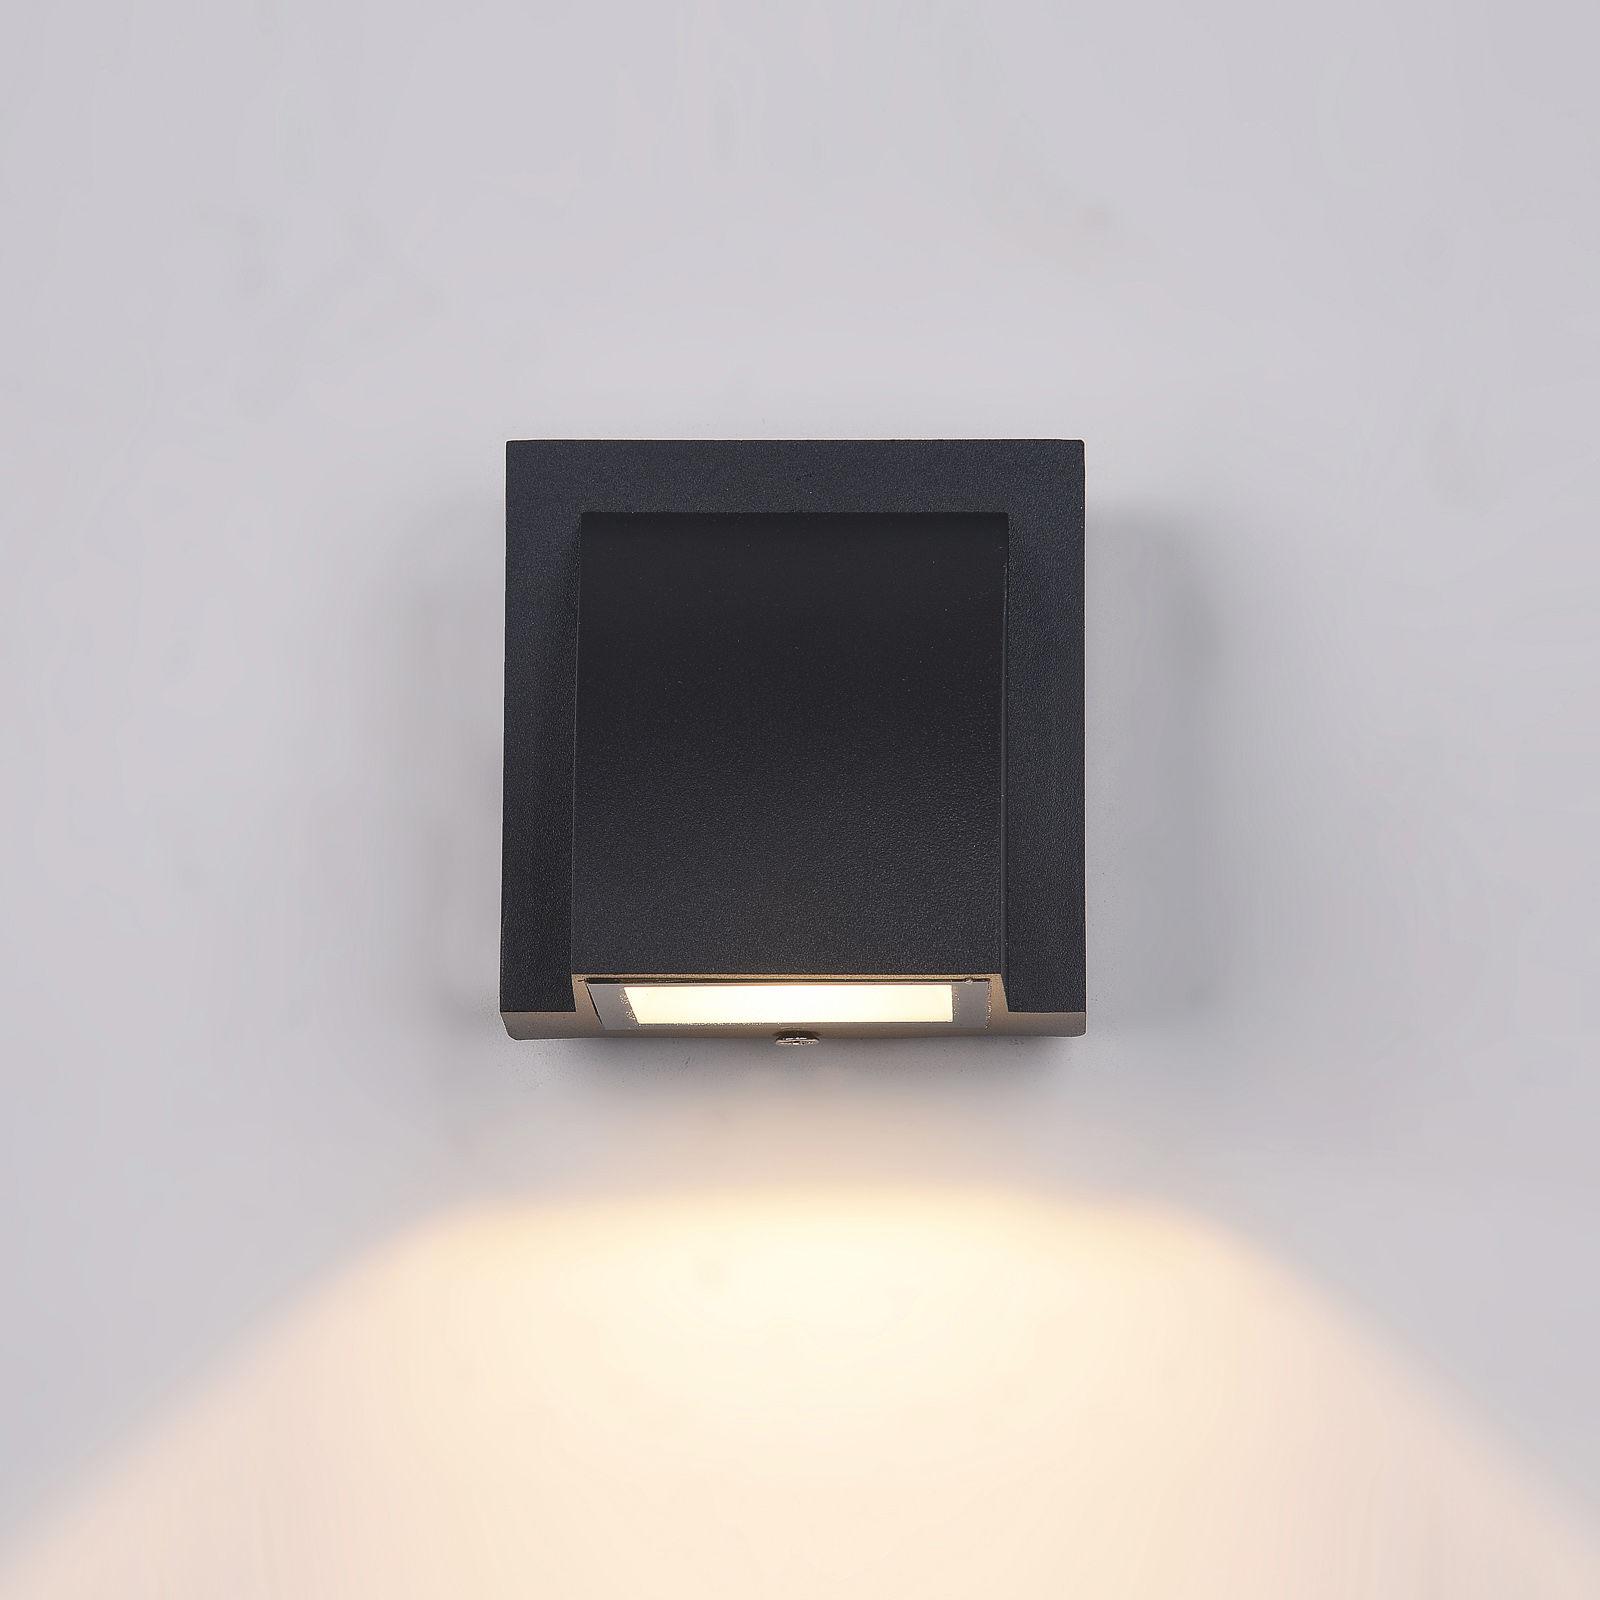 Italux kinkiet lampa ścienna Edgar PL-436B IP54 czarna LED 3W 3000K